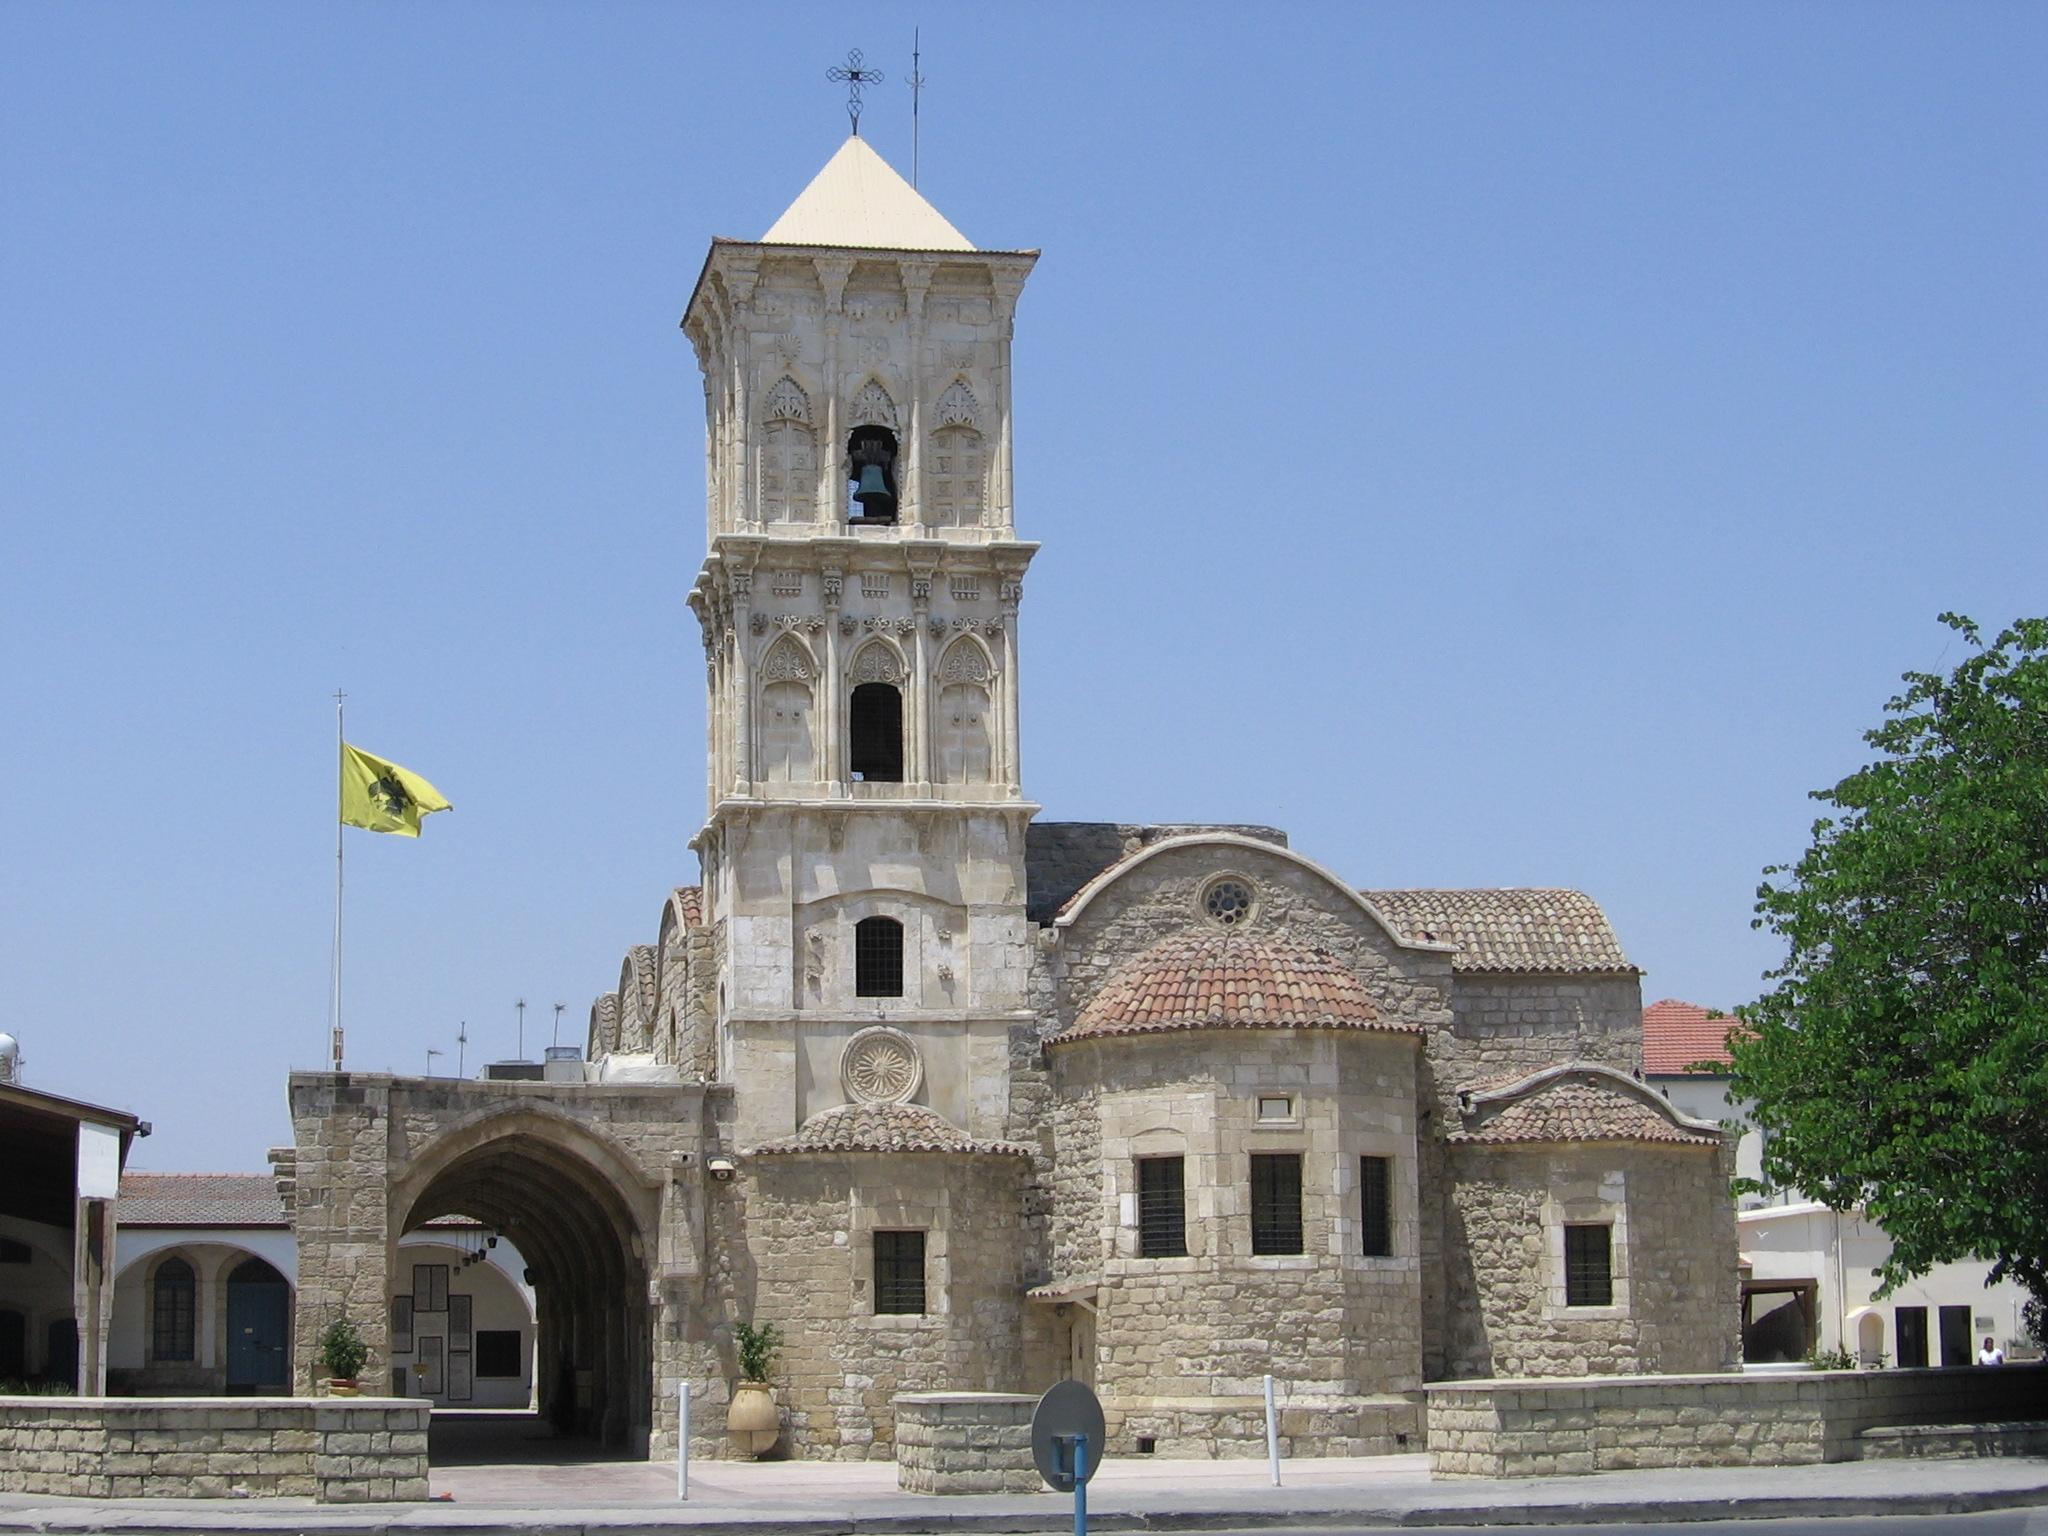 Одна из главных достопримечательностей Ларнаки — церковь Святого Лазаря